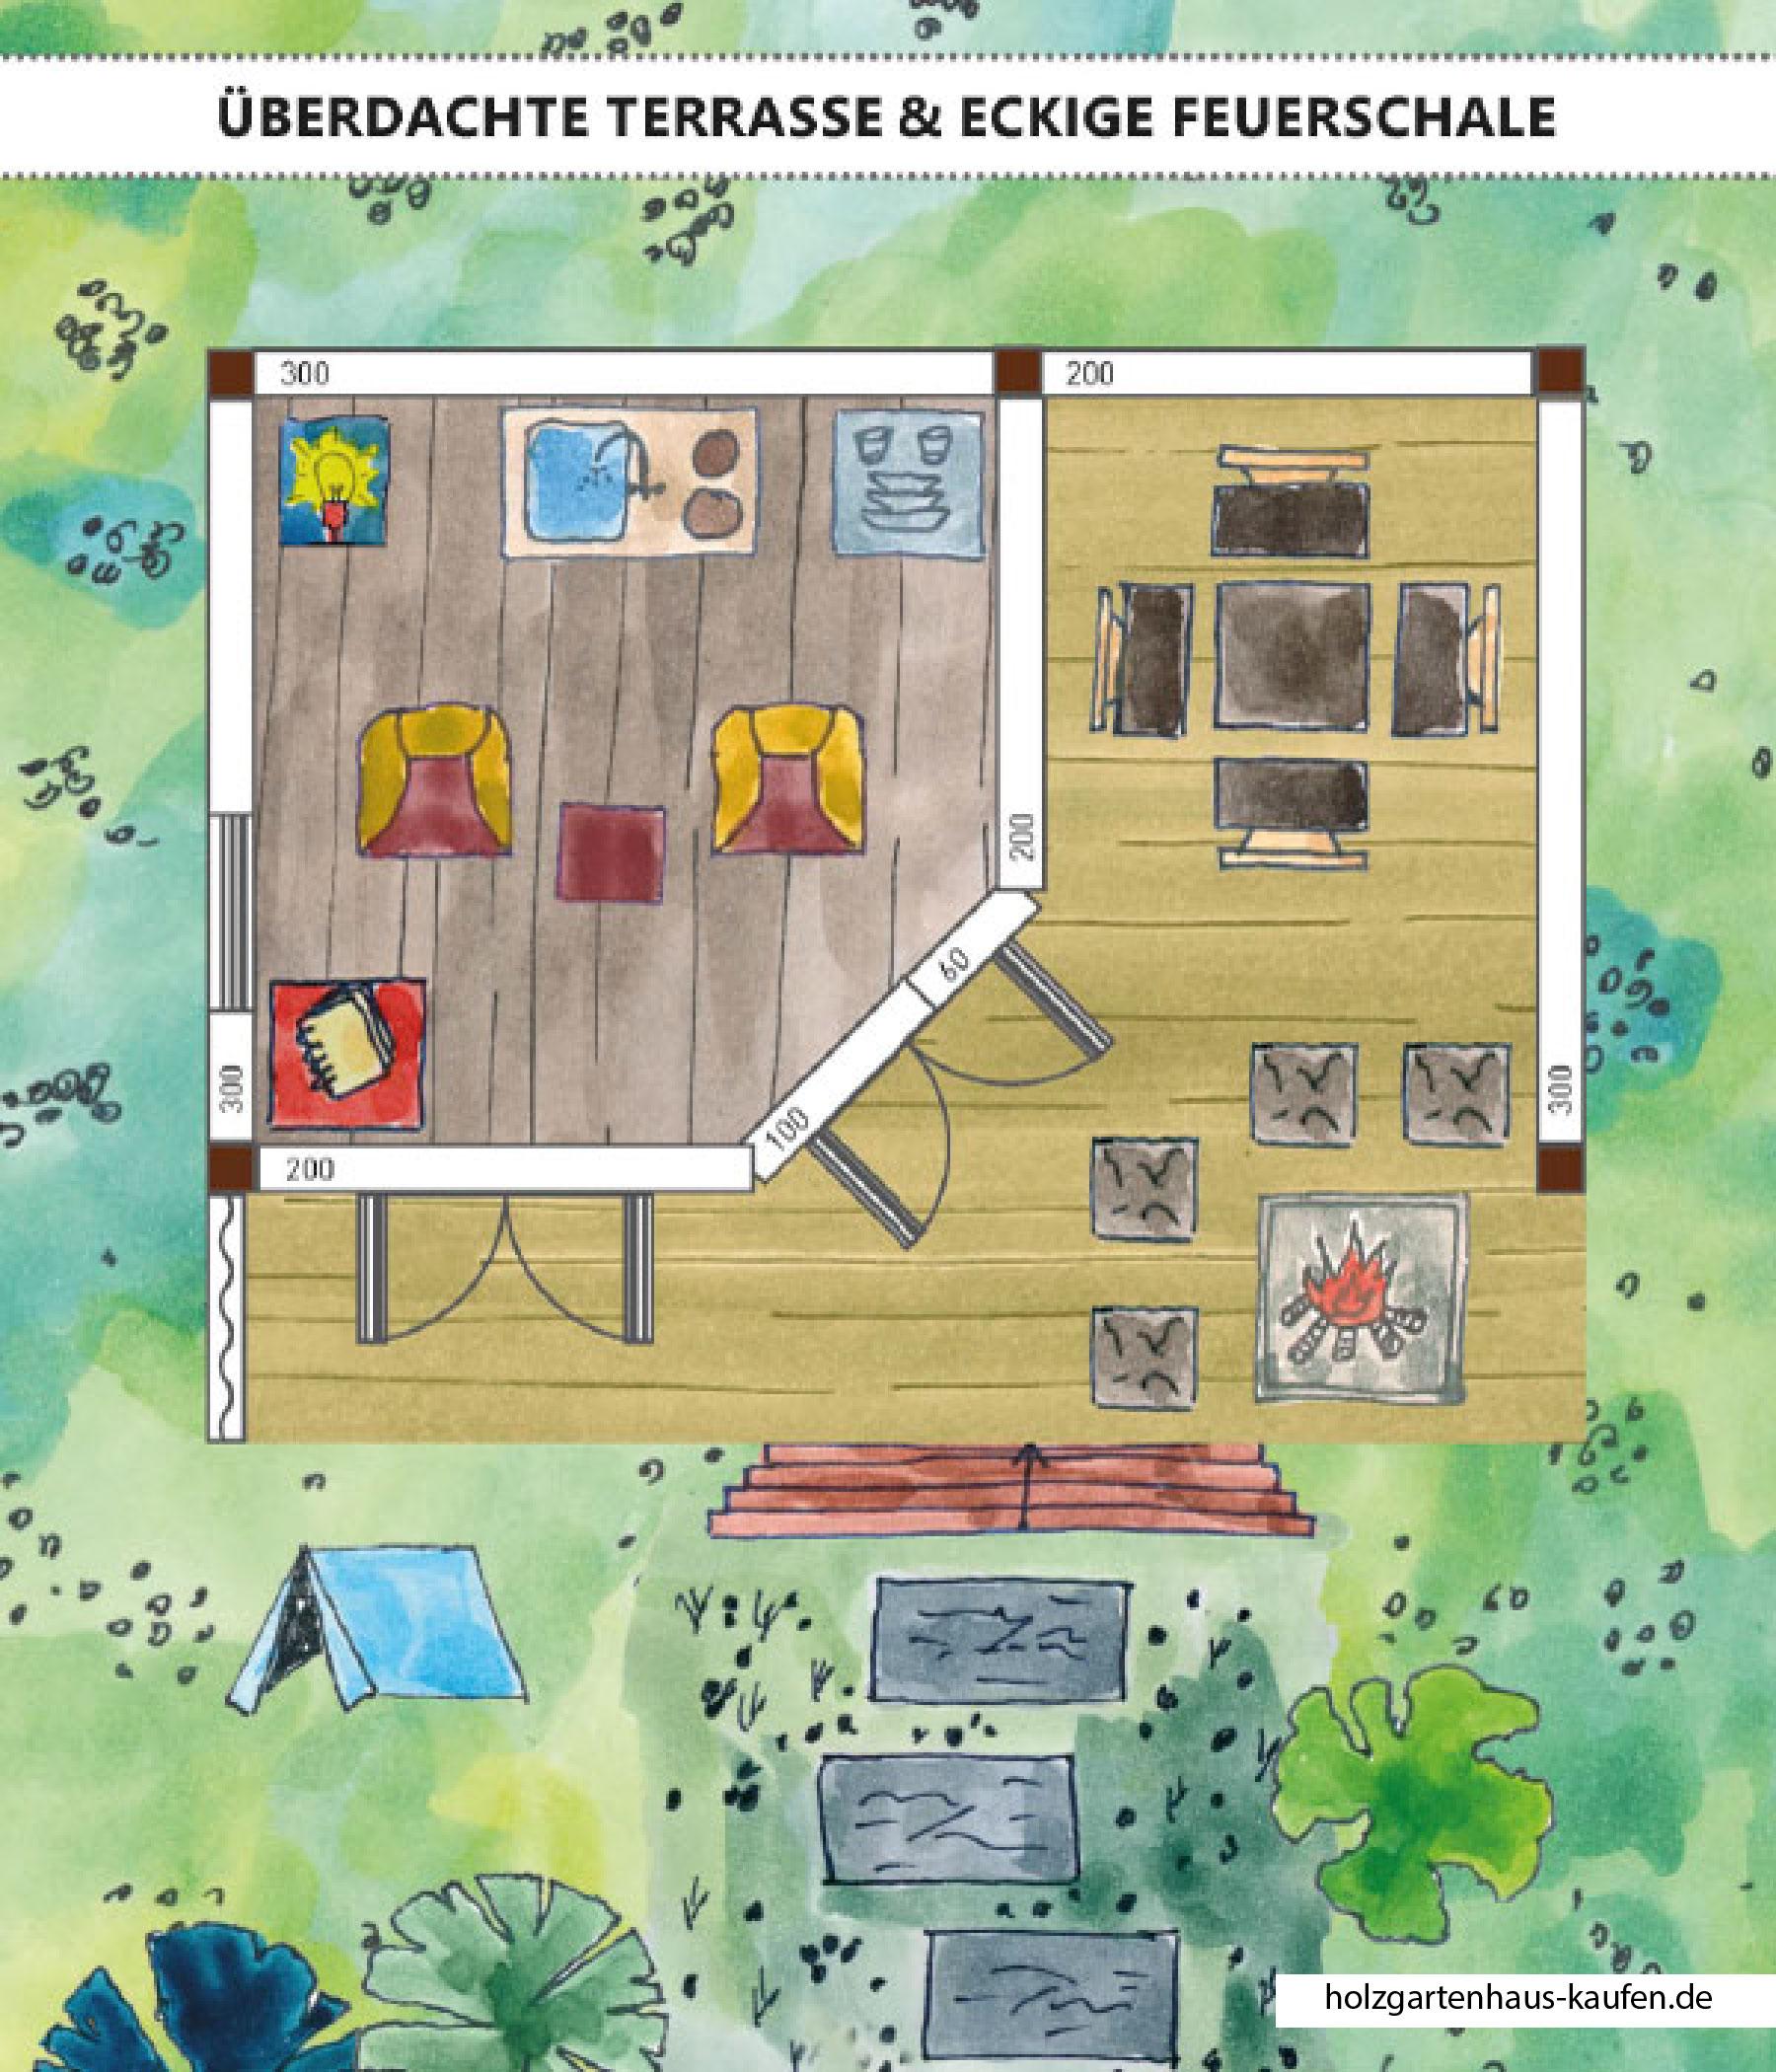 Gartenhaus Mit Uberdachter Terrasse Skizze Grillecke 45 Wand